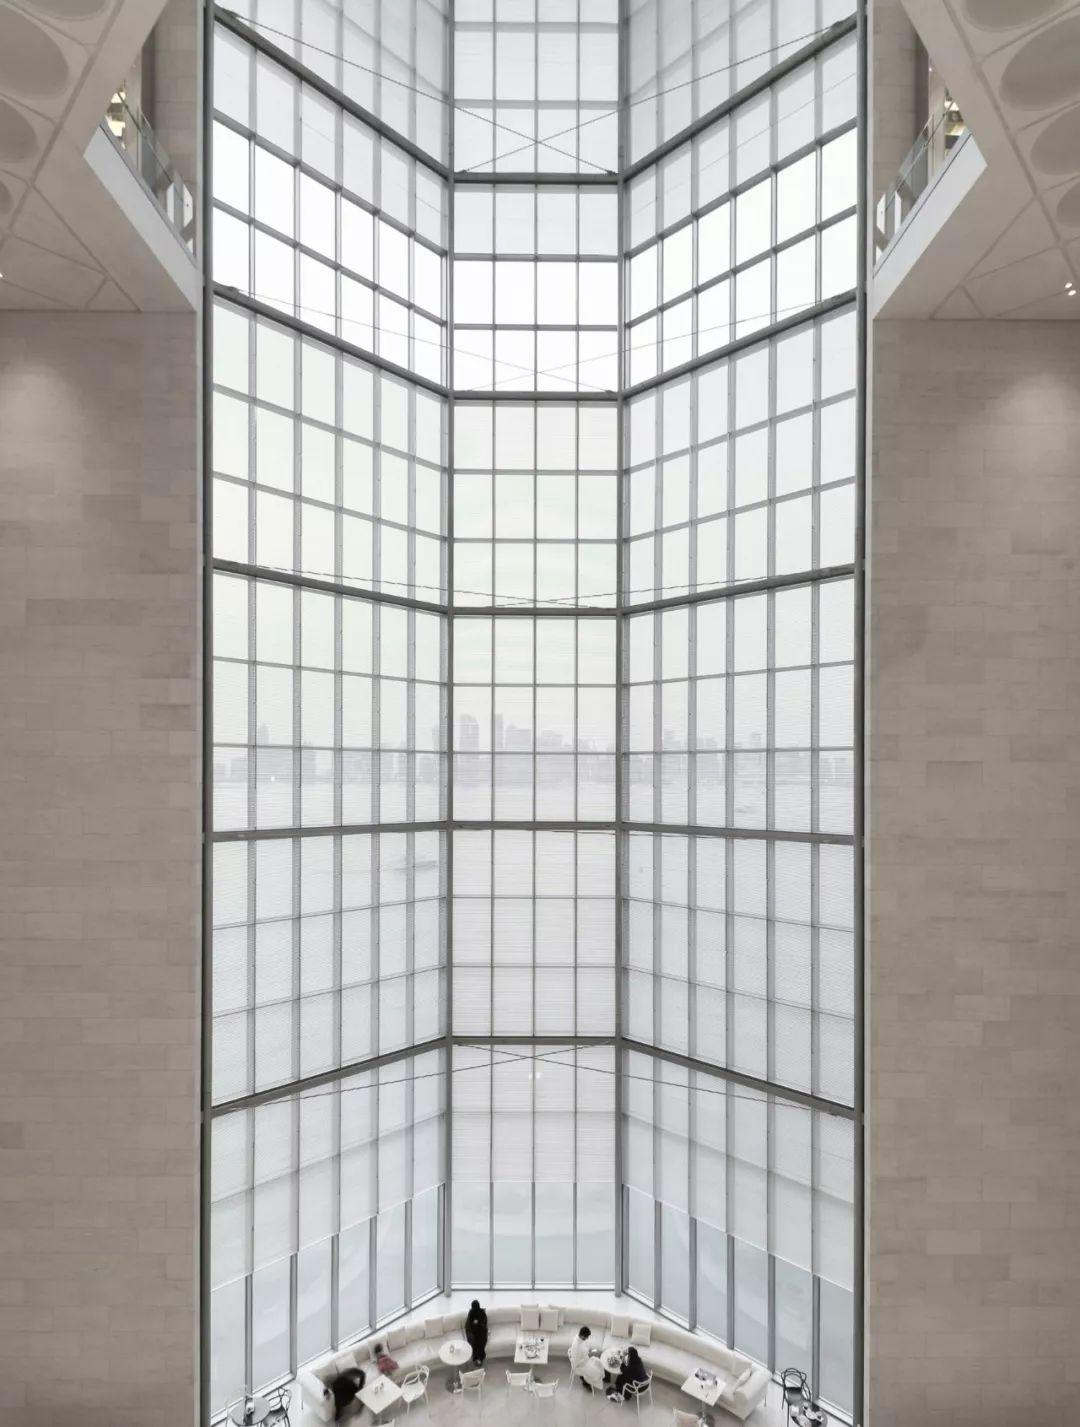 致敬贝聿铭:世界上最会用「三角形」的建筑大师_90